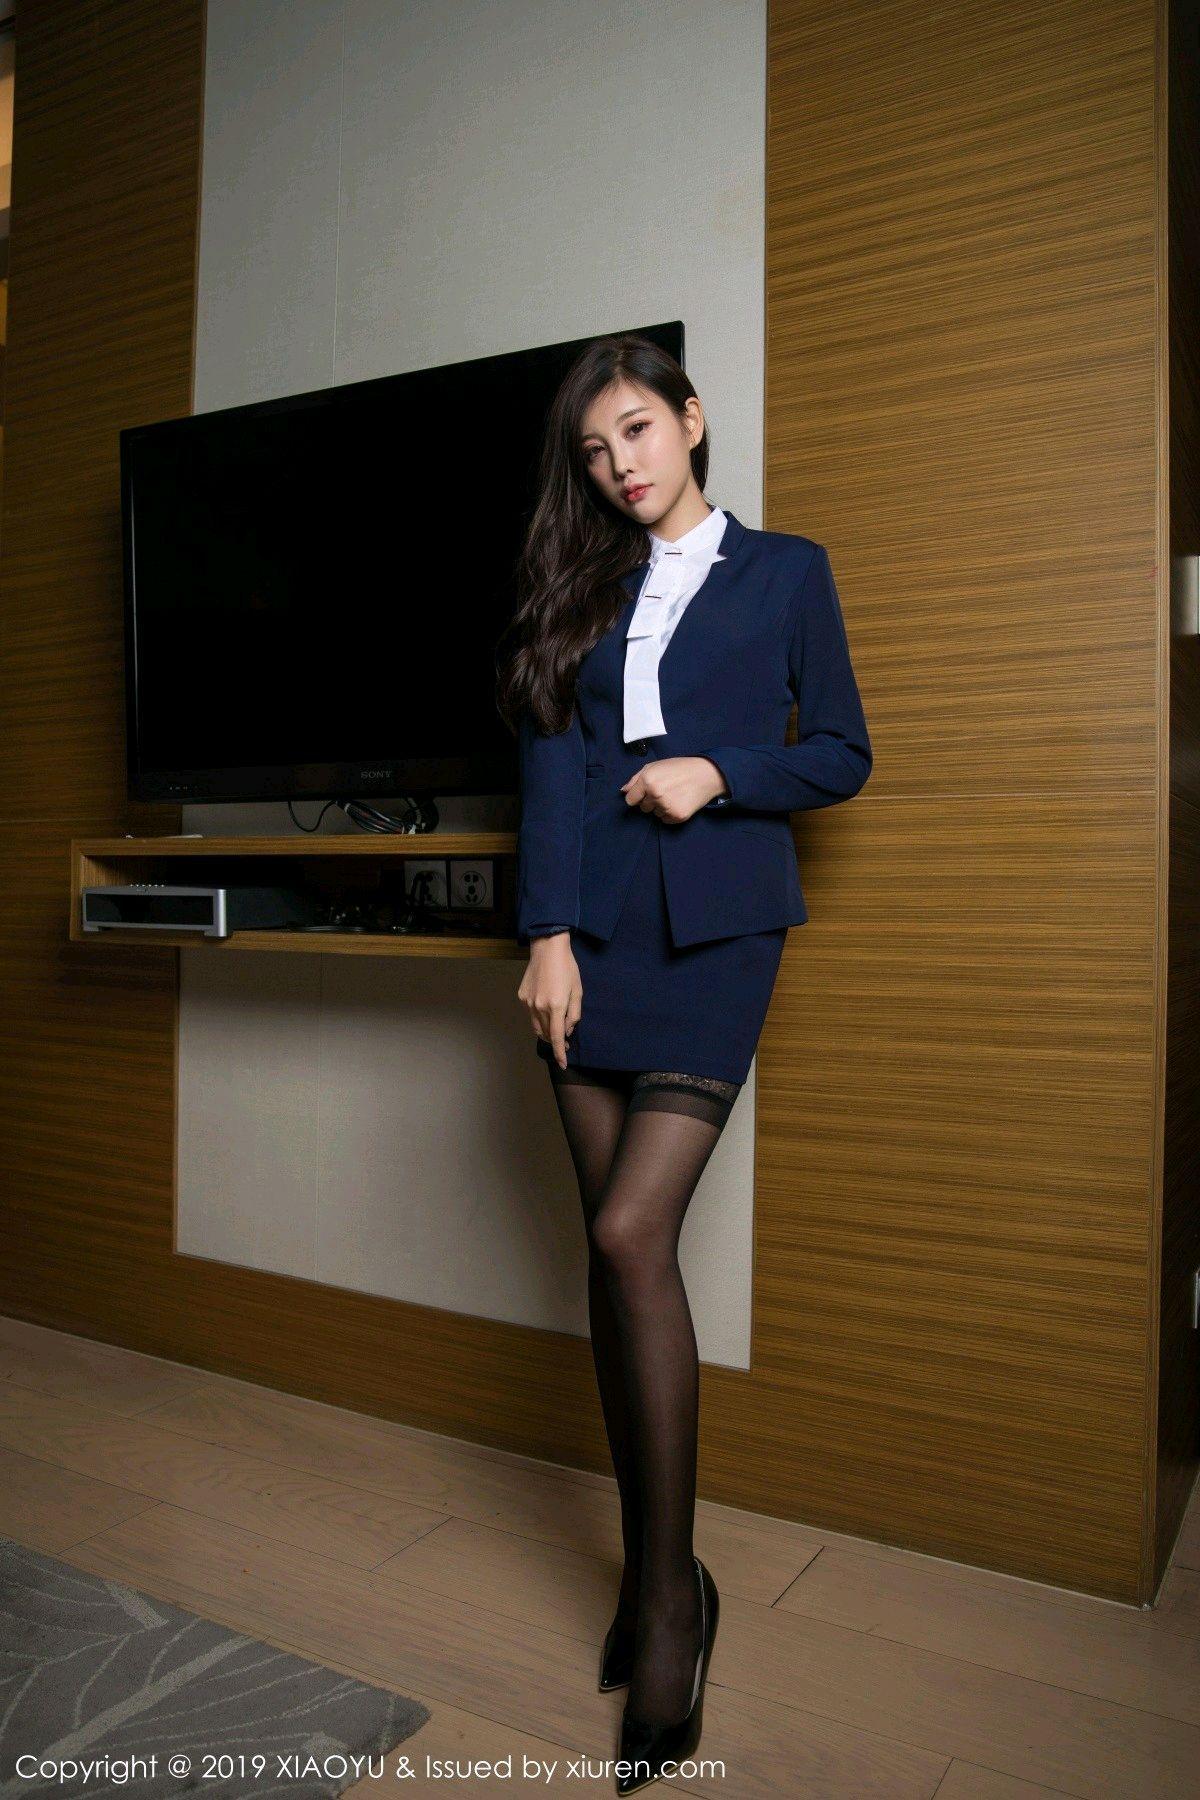 [XiaoYu] Vol.005 Yang Chen Chen 1P, Black Silk, Tall, Uniform, XiaoYu, Yang Chen Chen